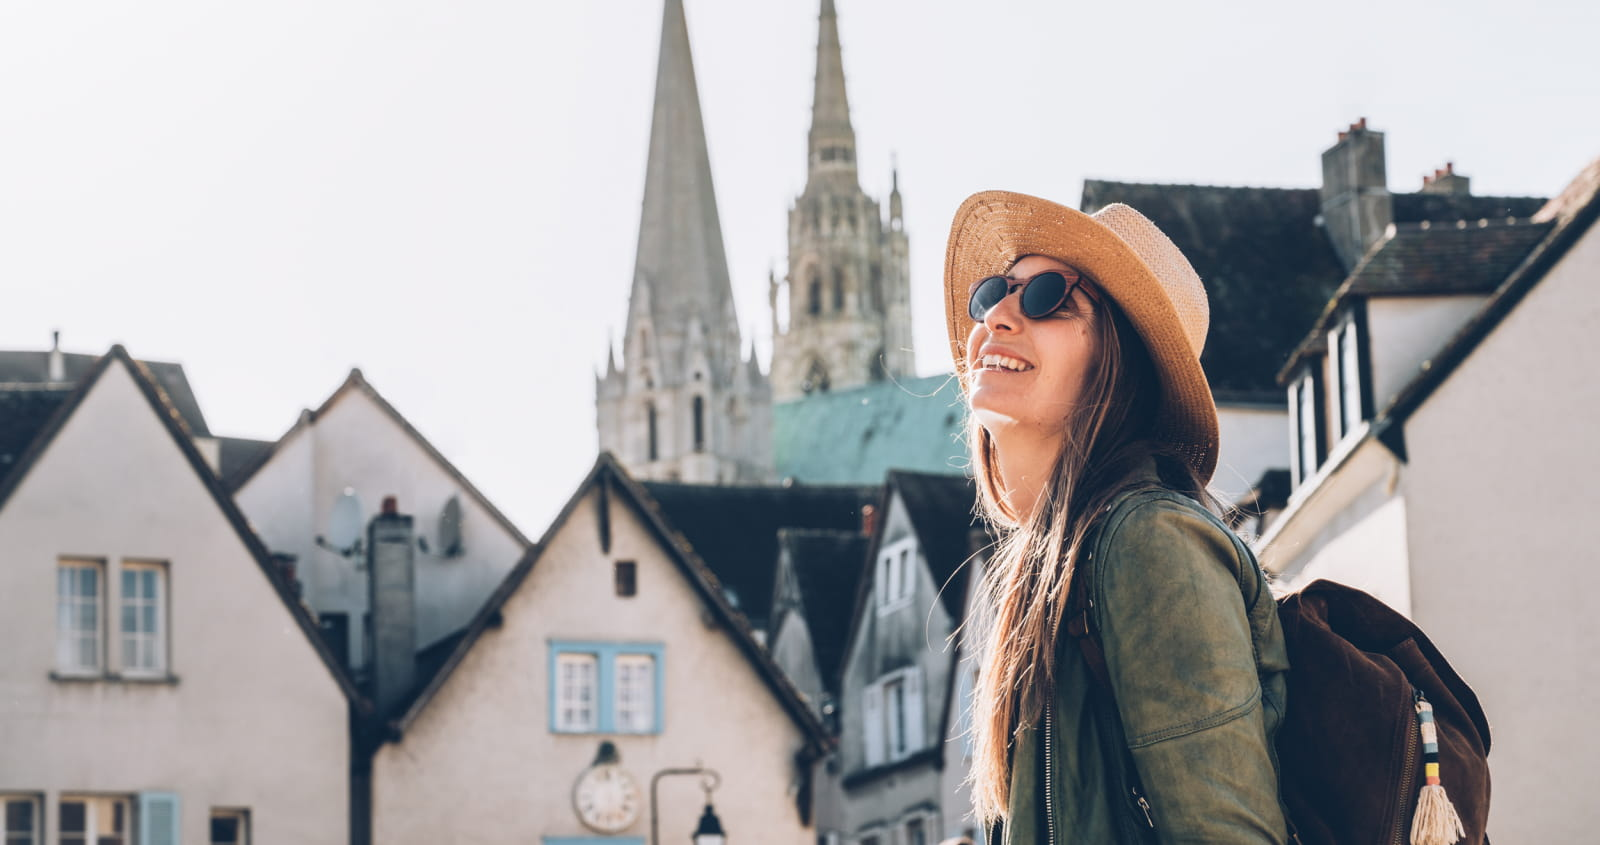 Fille à Chartres en basse ville